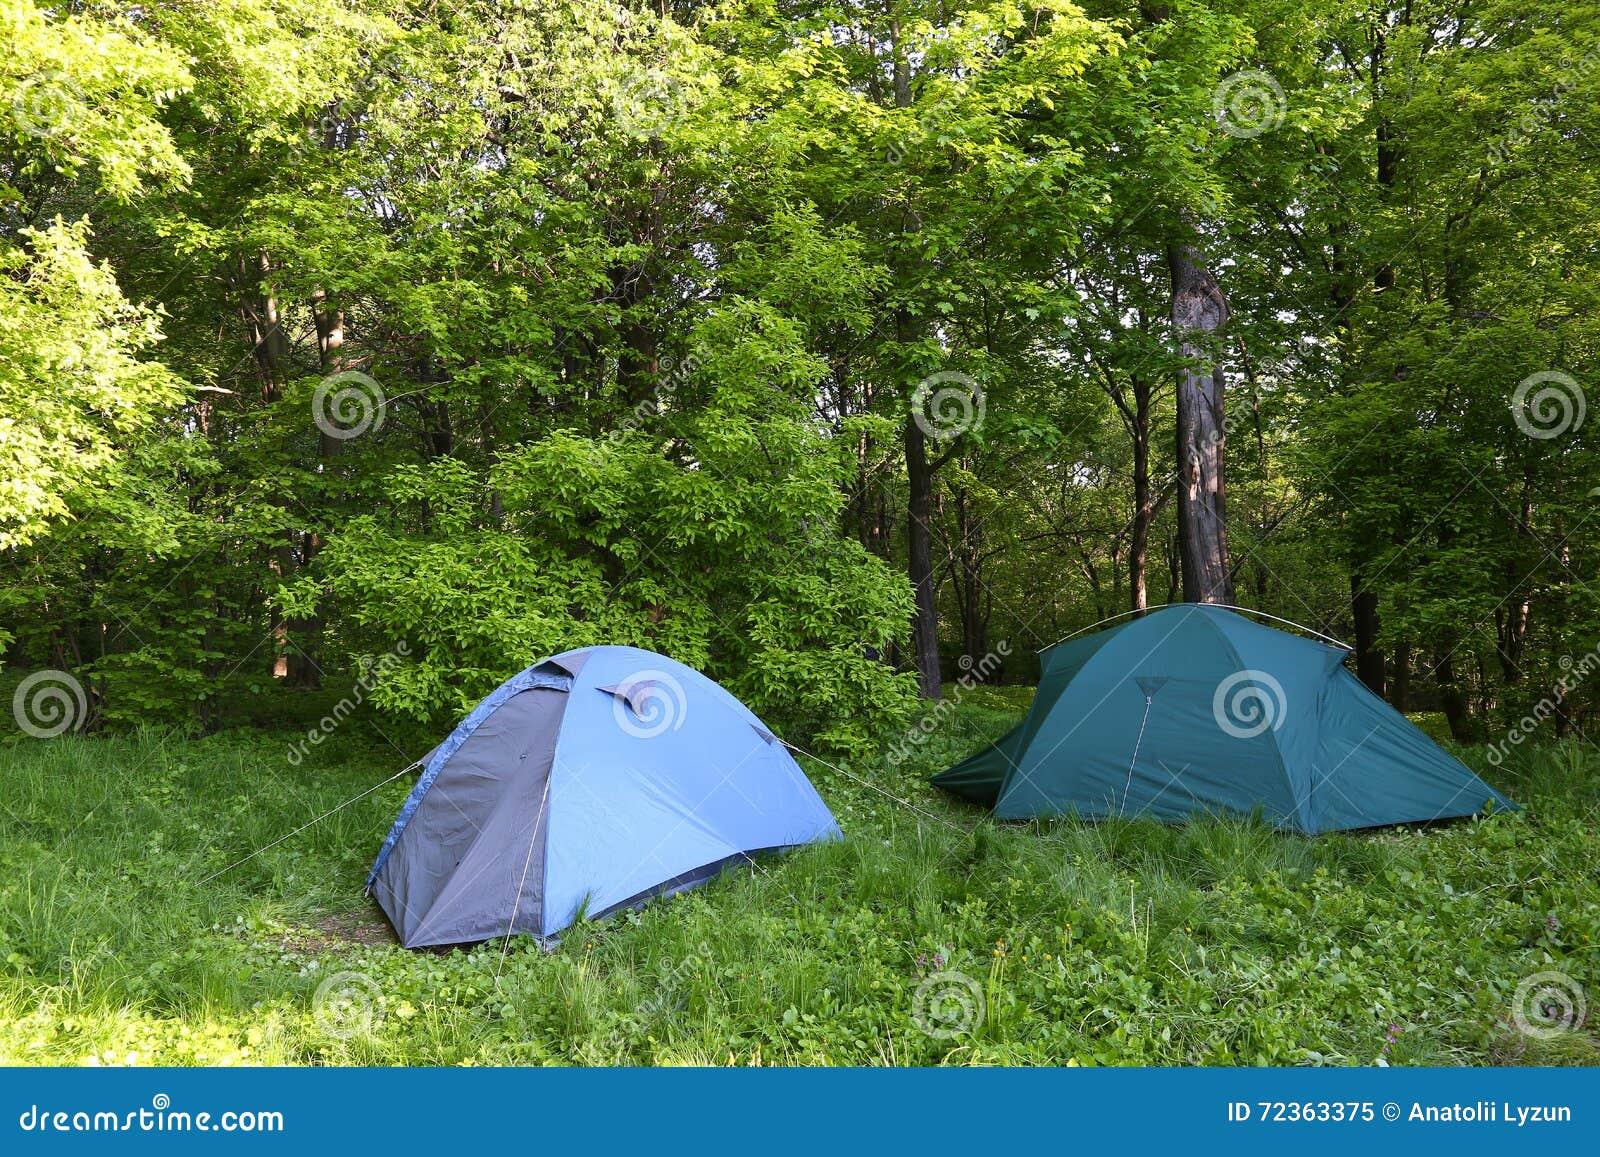 两个蓝色帐篷在绿色森林里